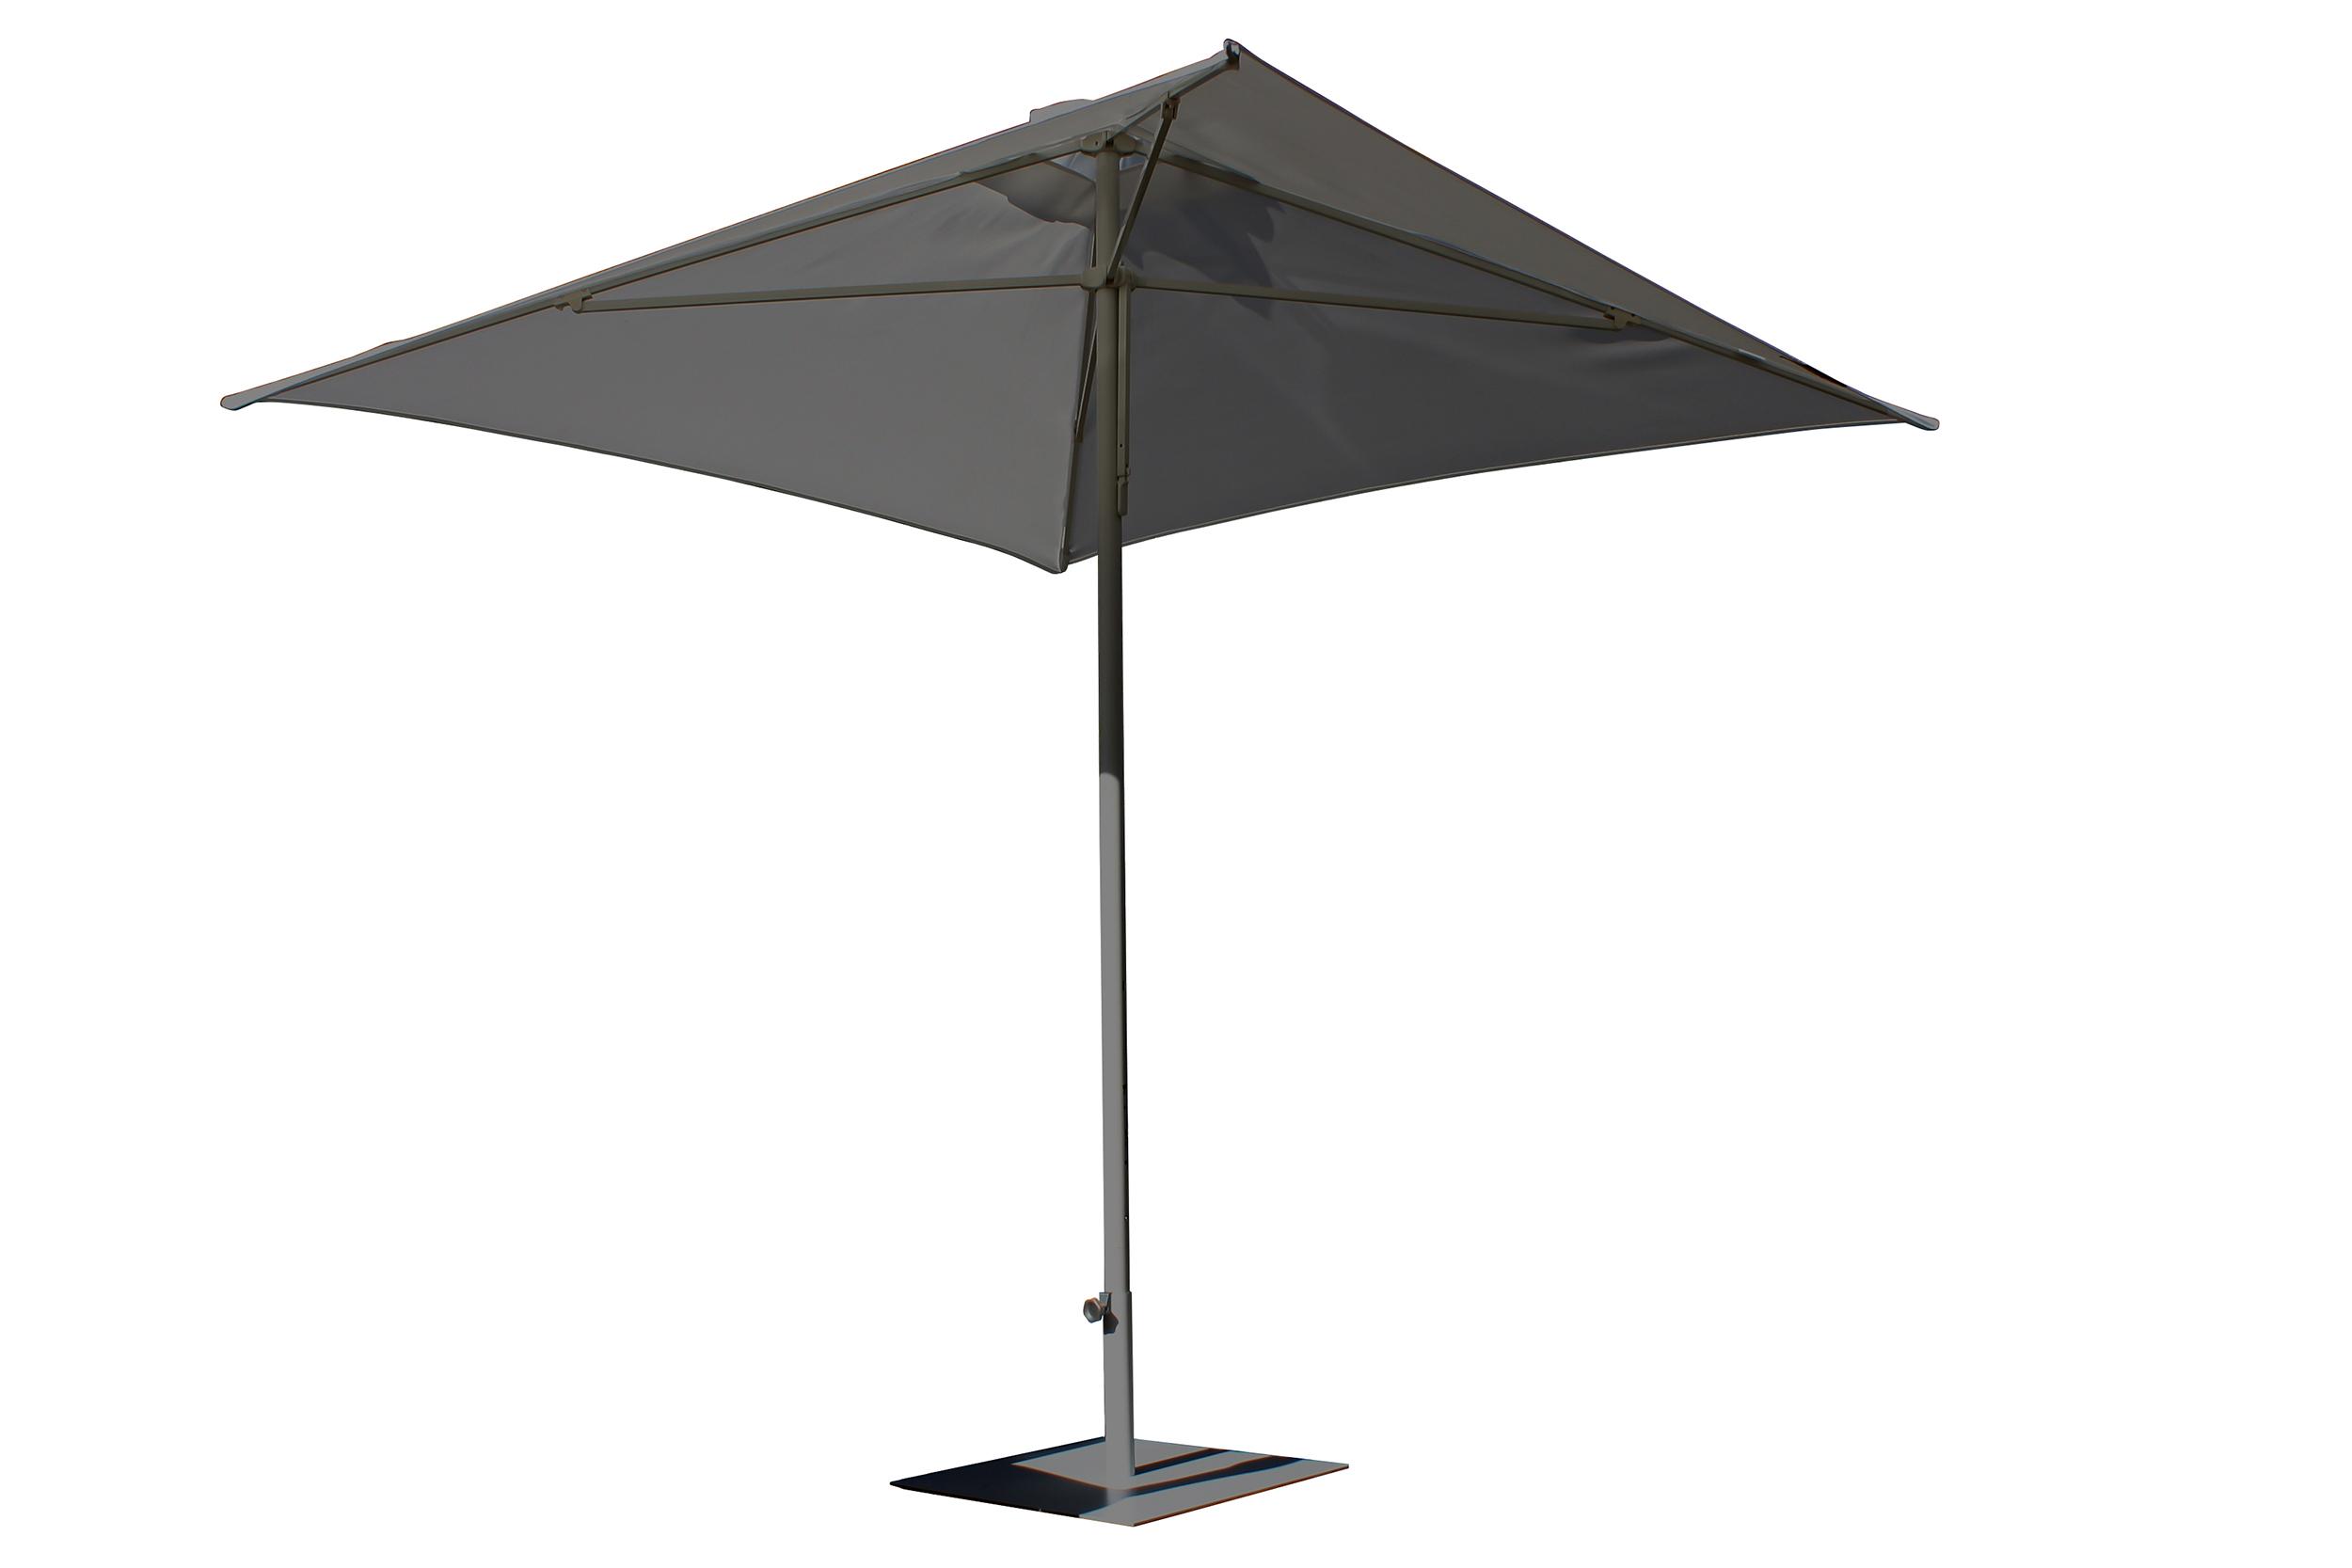 Parasol en aluminium laqué et toile OLEFIN® gris anthracite